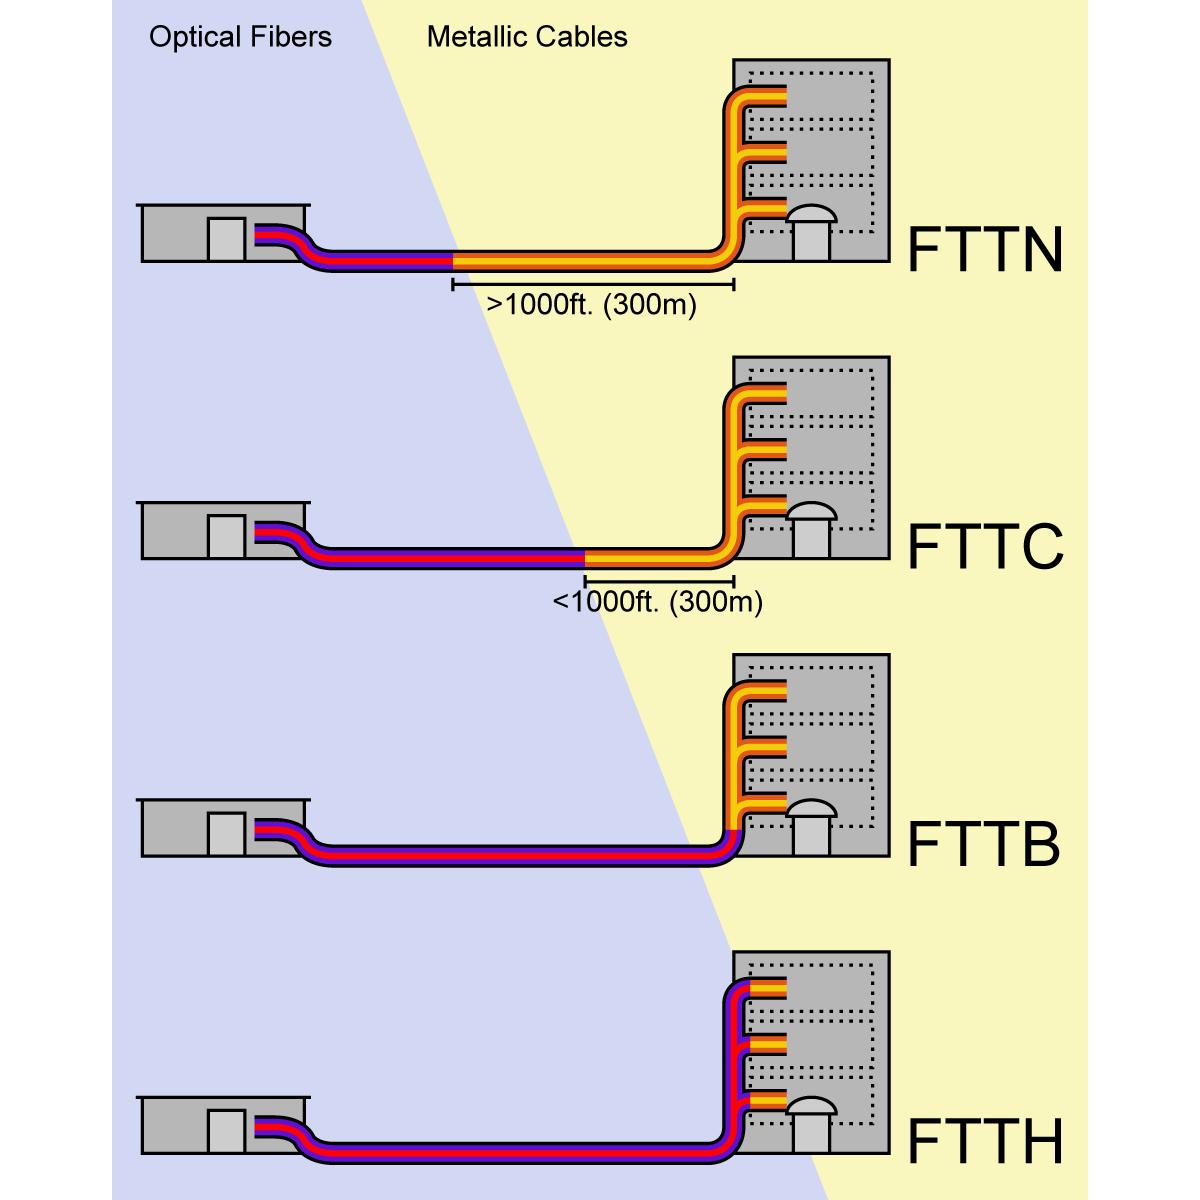 Fast Networks - Connessioni in Fibra Ottica - Differenze tra FTTC e FTTH - Servizi di telecomunicazioni, connettività internet e telefonia (fonia) per le aziende